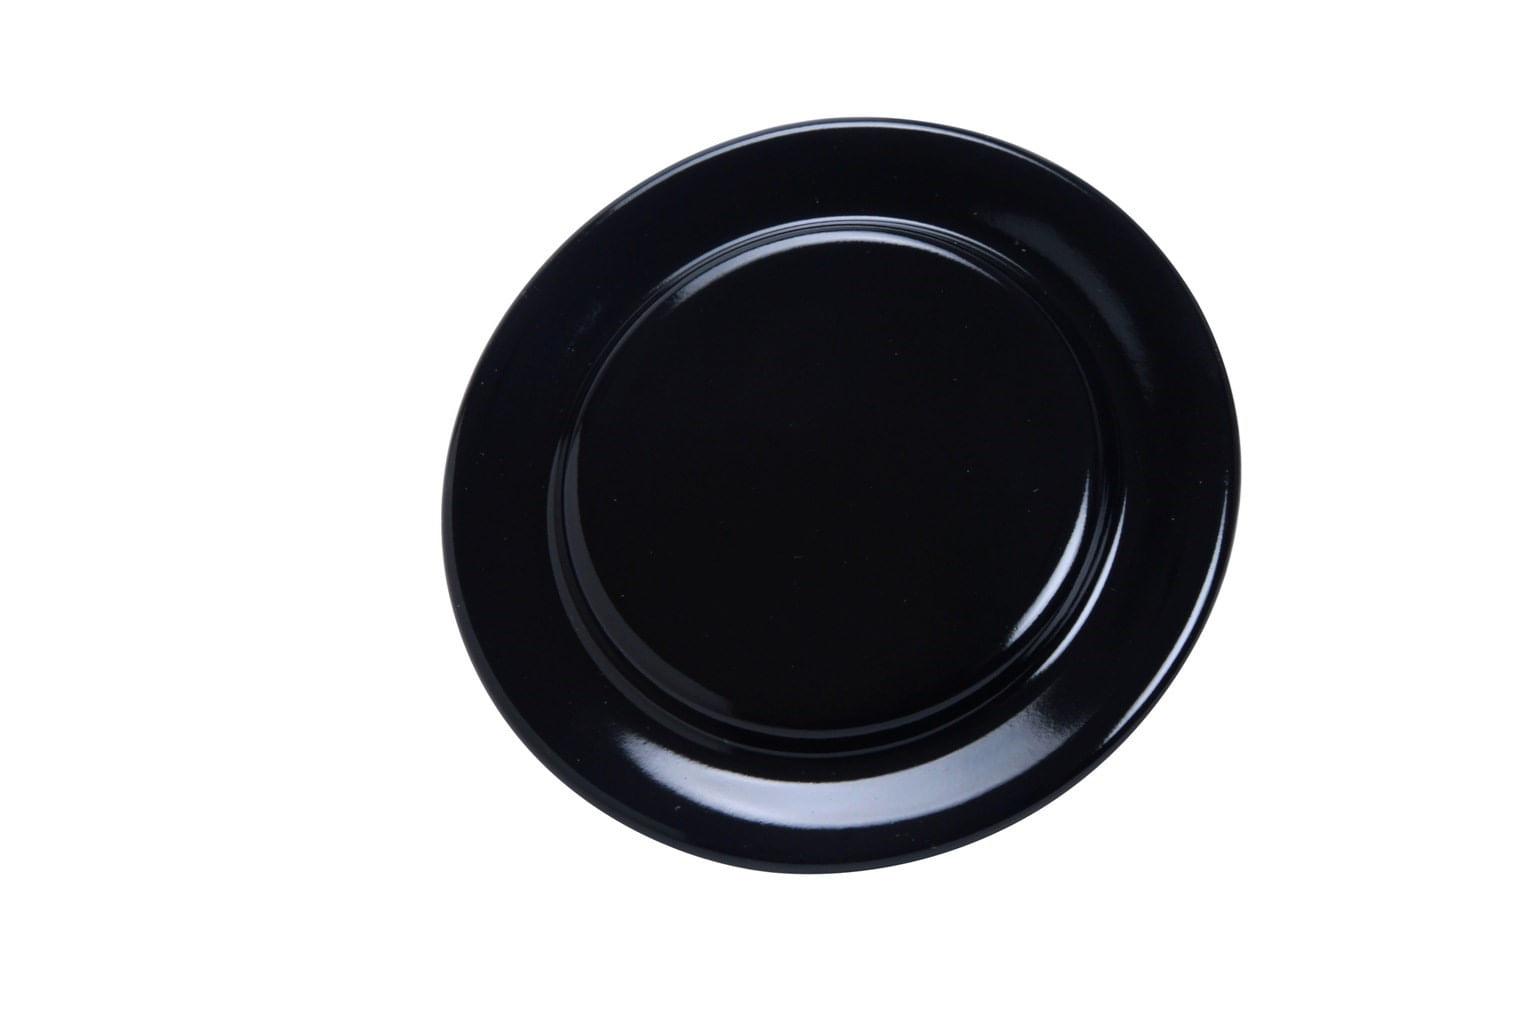 Capa do Queimador de Boca Grande para Fogão e Cooktop - W10816563